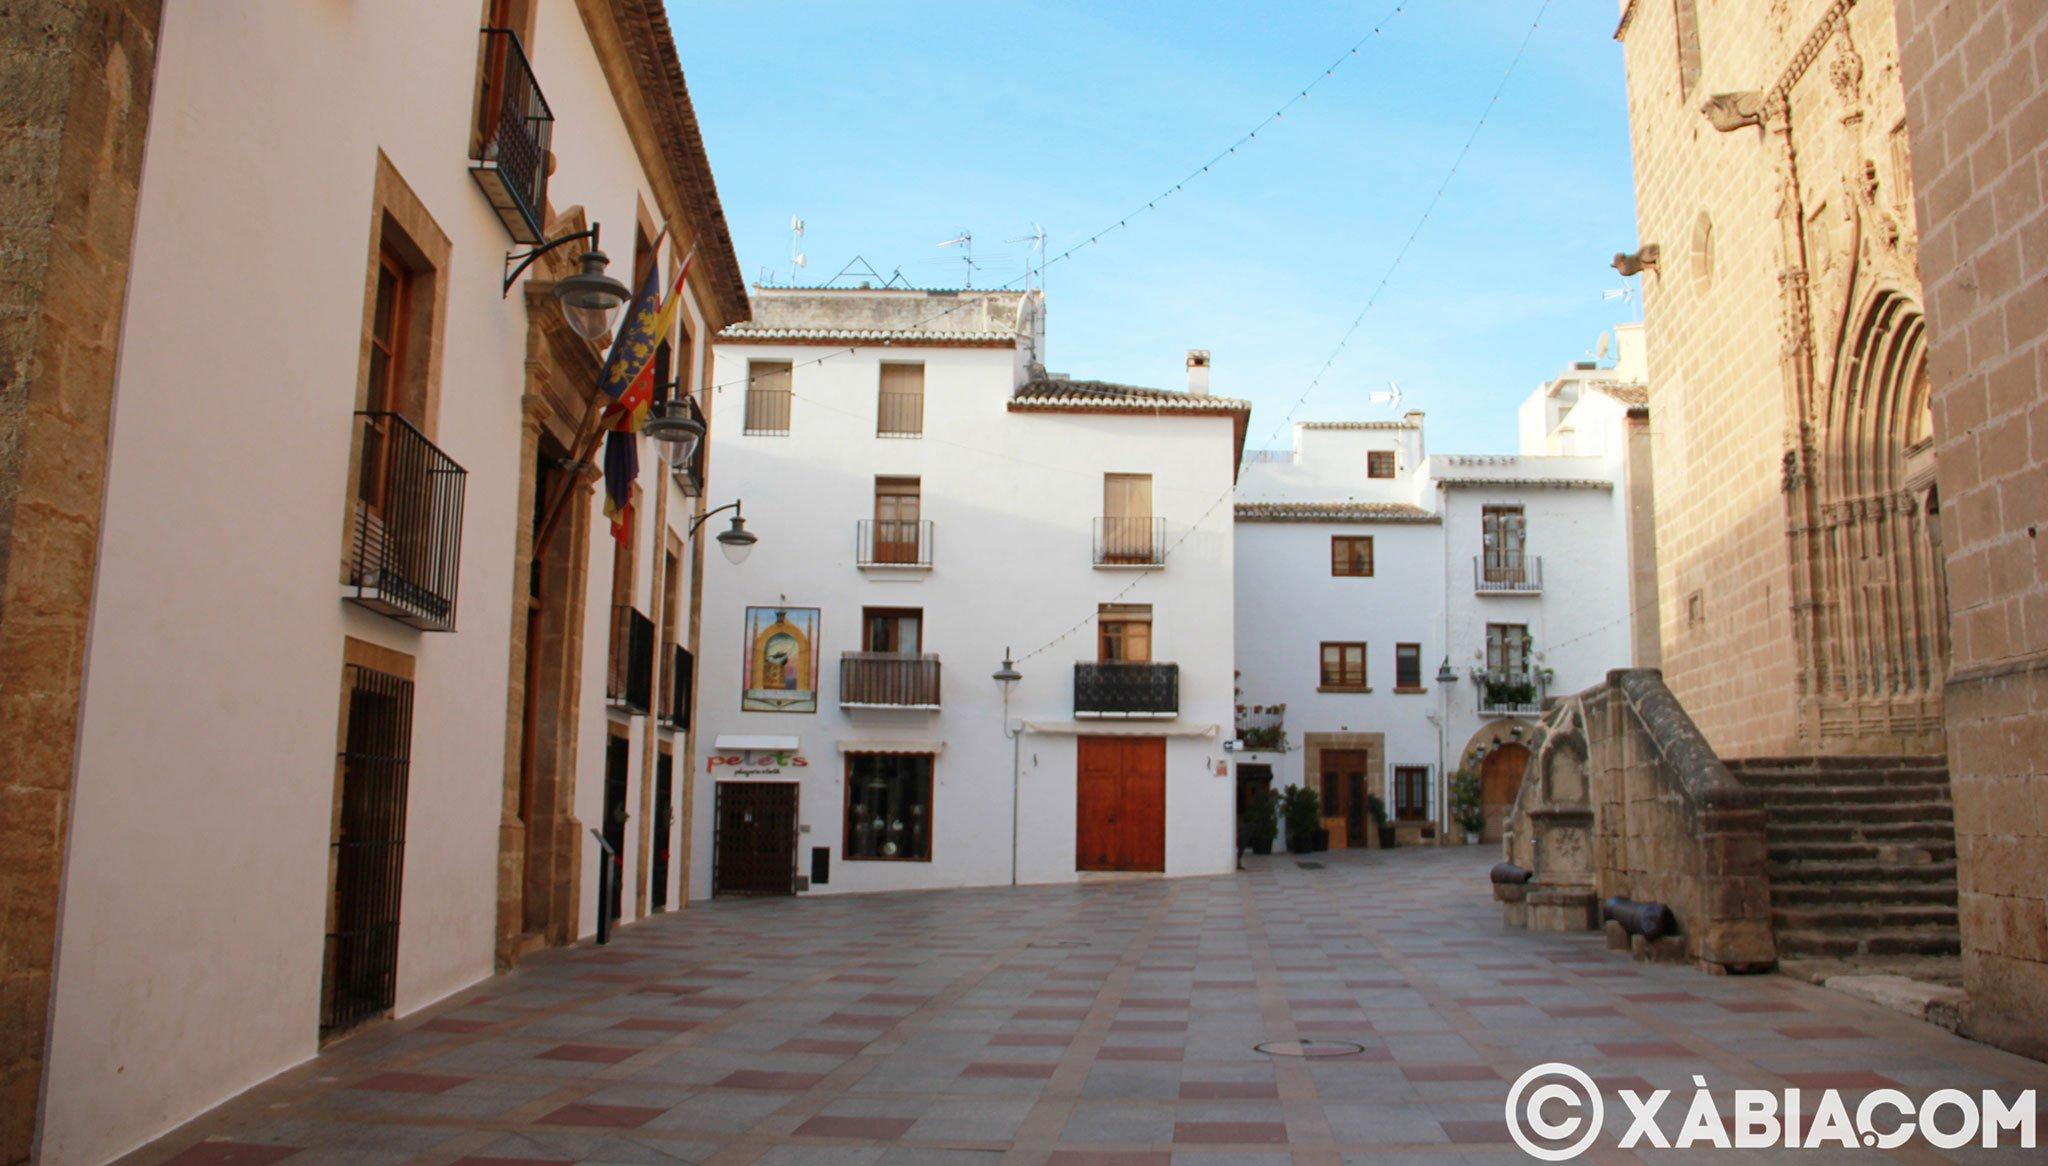 Iglesia de San Bartolomé frente al Ayuntamiento de Jávea